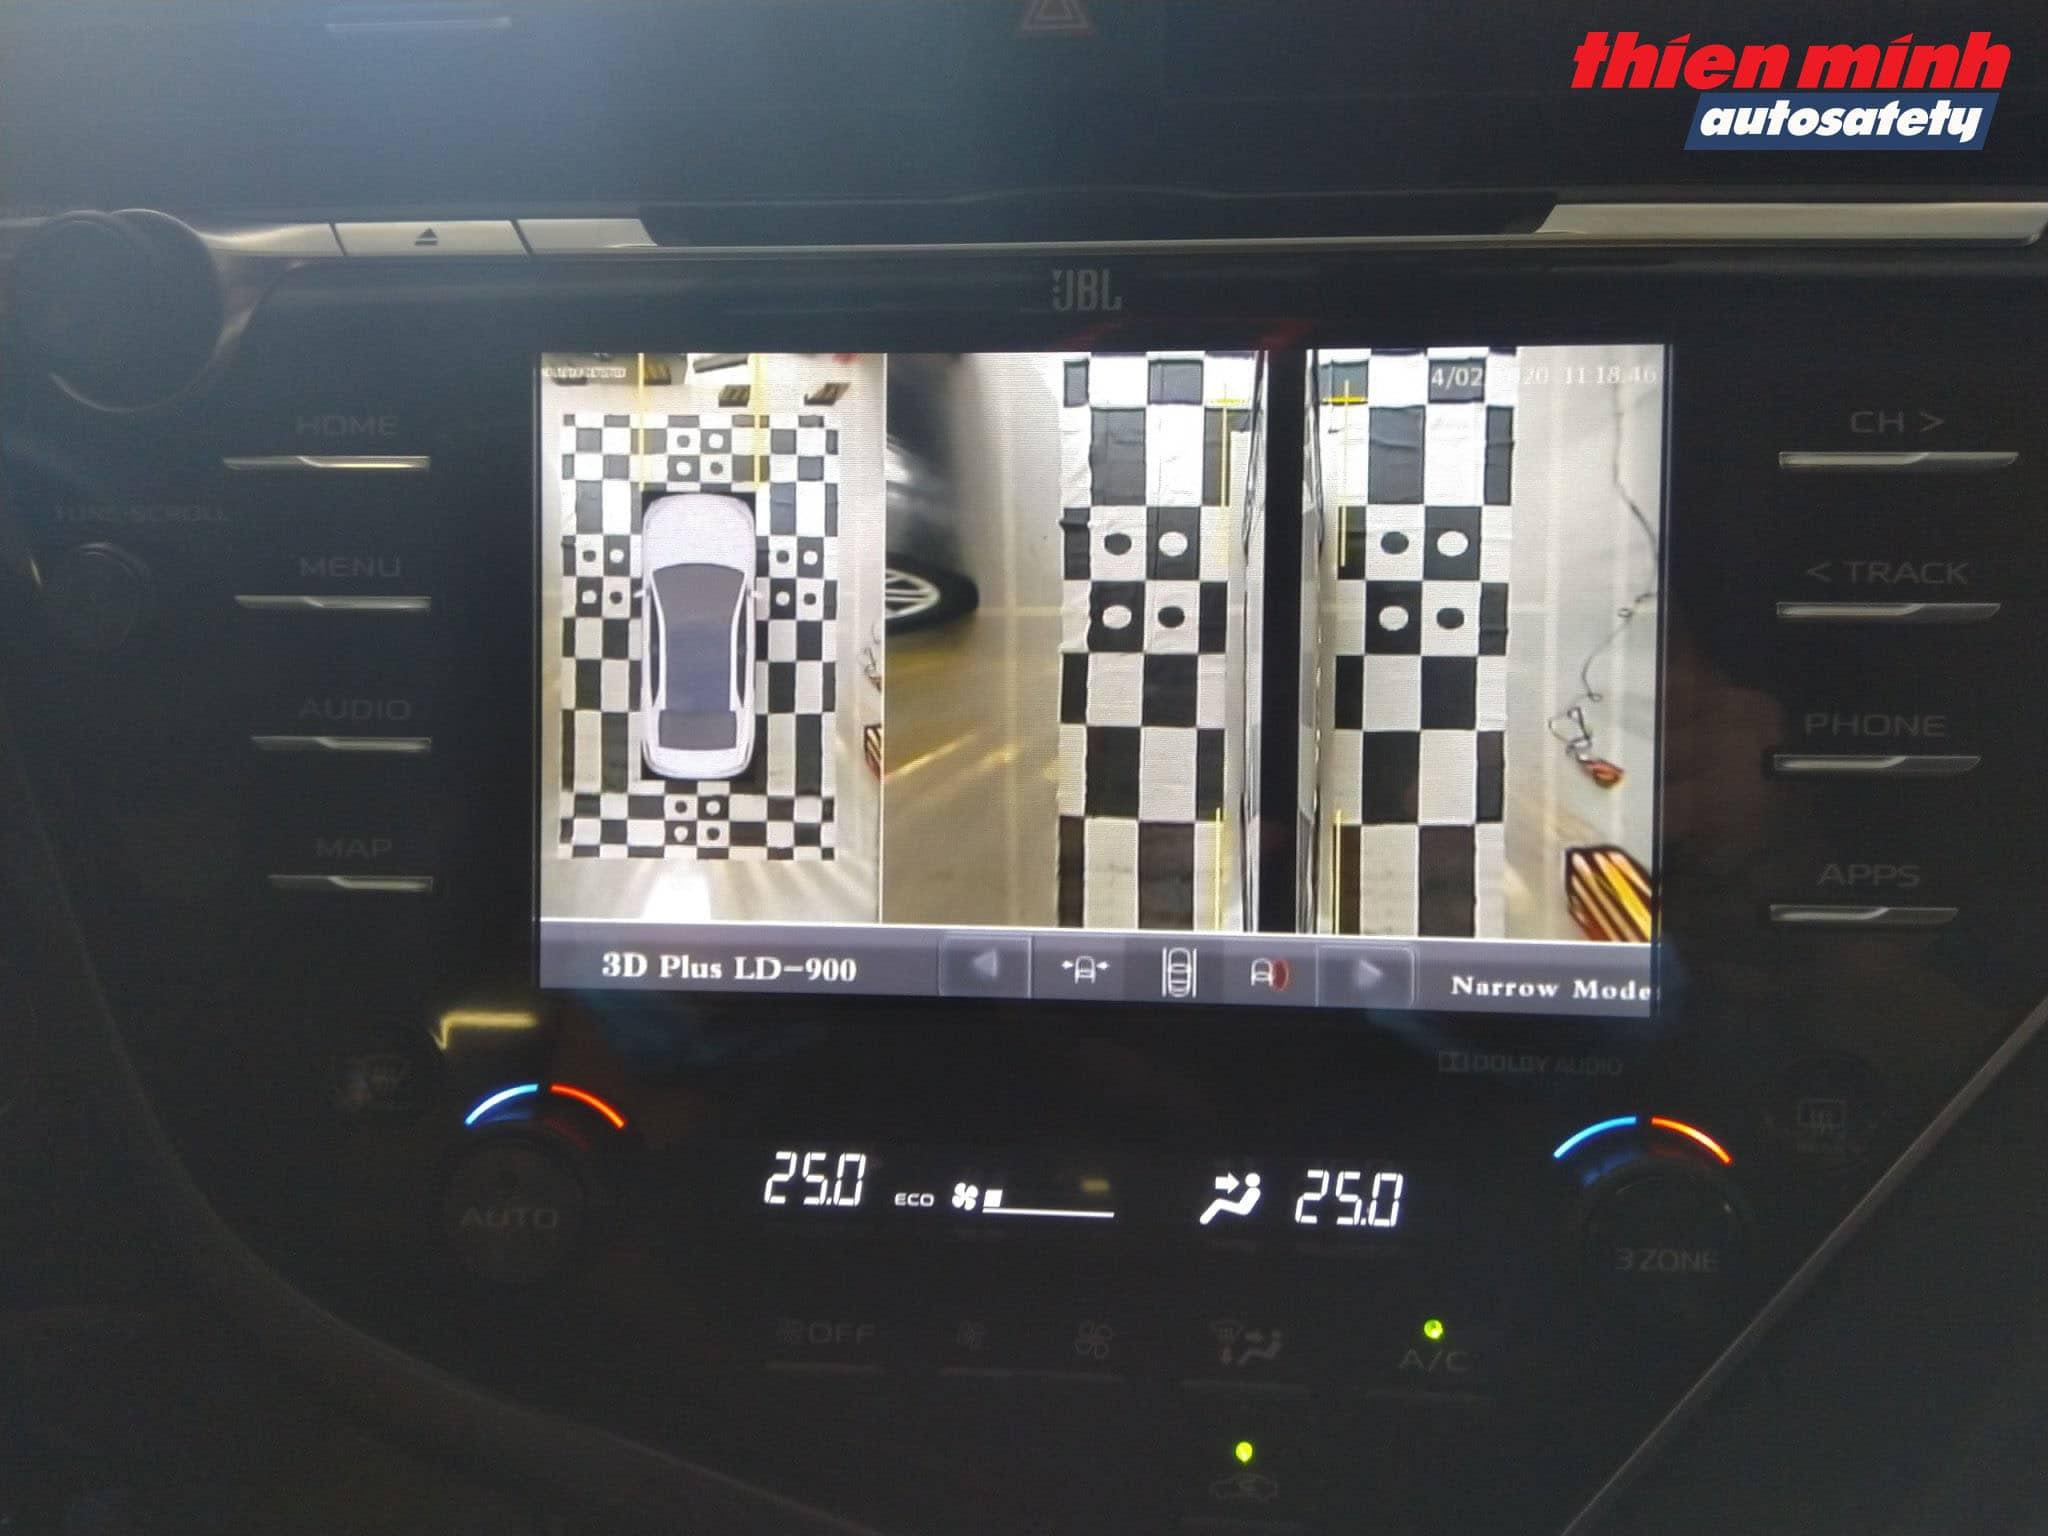 Góc hình Camera 2 bên trái - phải từ trên xuống